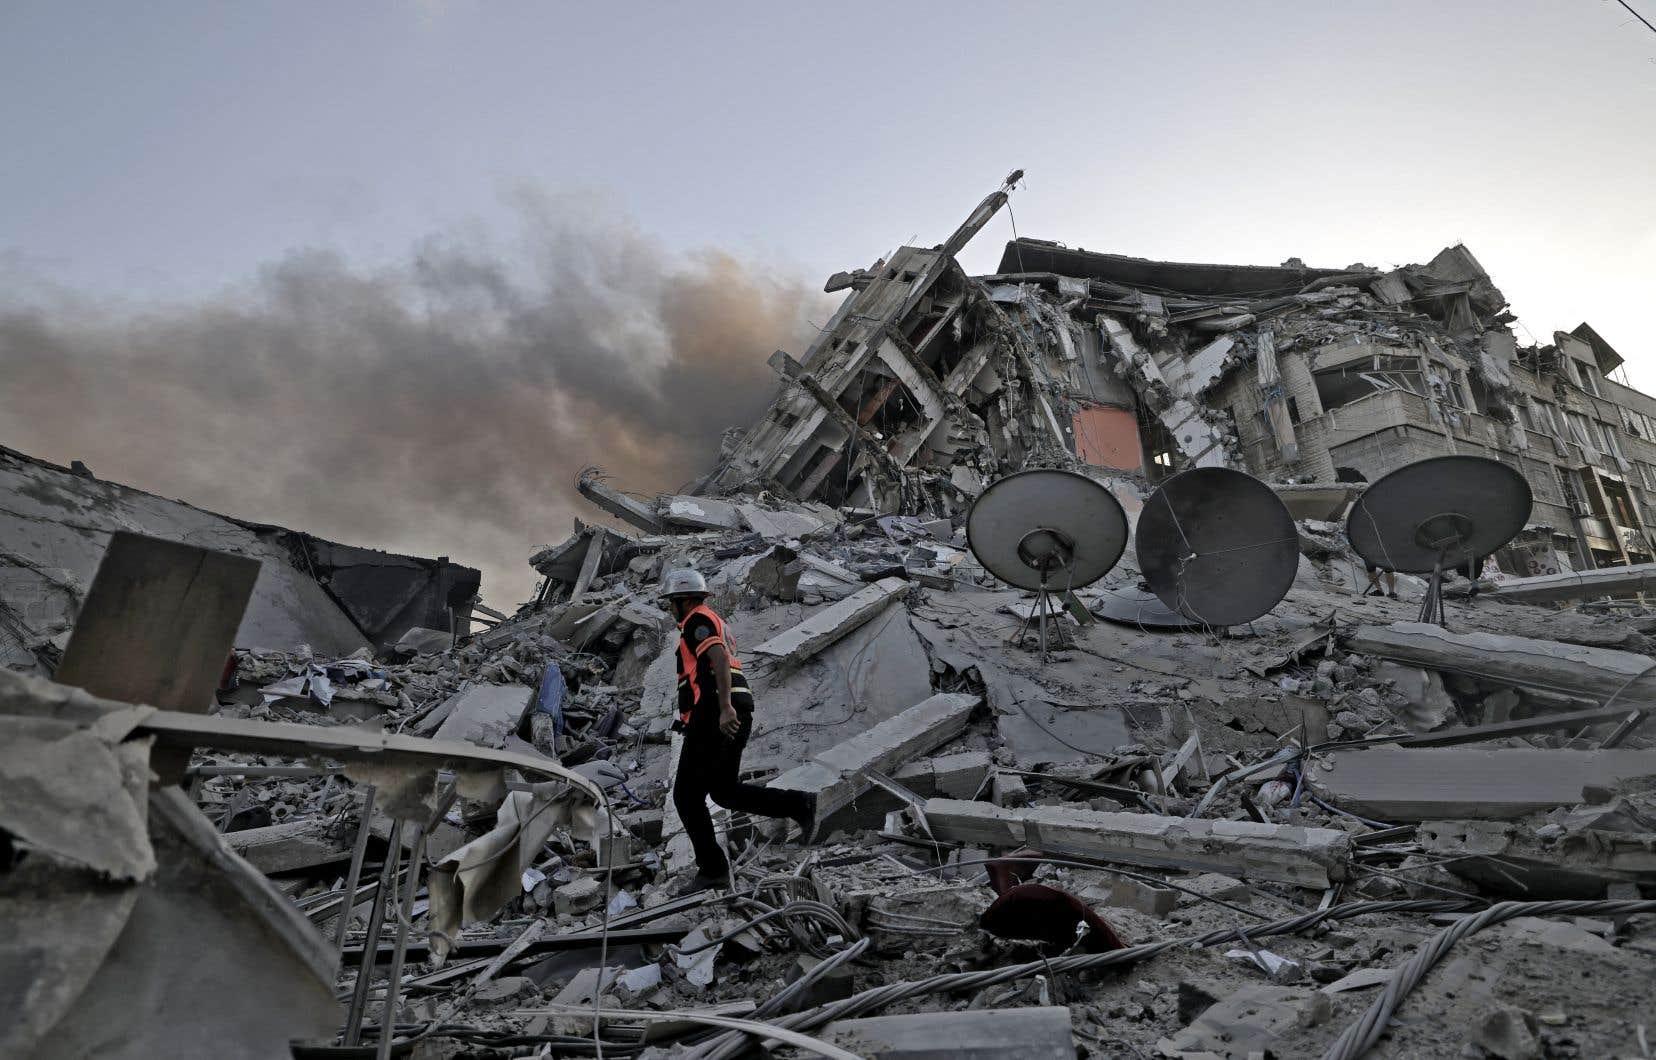 «On peut toujours rêver et espérer que ce plus récent épisode d'une tragédie qui dure depuis plus de 70ans fera comprendre l'importance de reprendre le processus de paix entre Israéliens et Palestiniens. Dans une région qui a bien besoin de stabilité, cette perspective apparaît malheureusement bien lointaine», croit l'auteur.